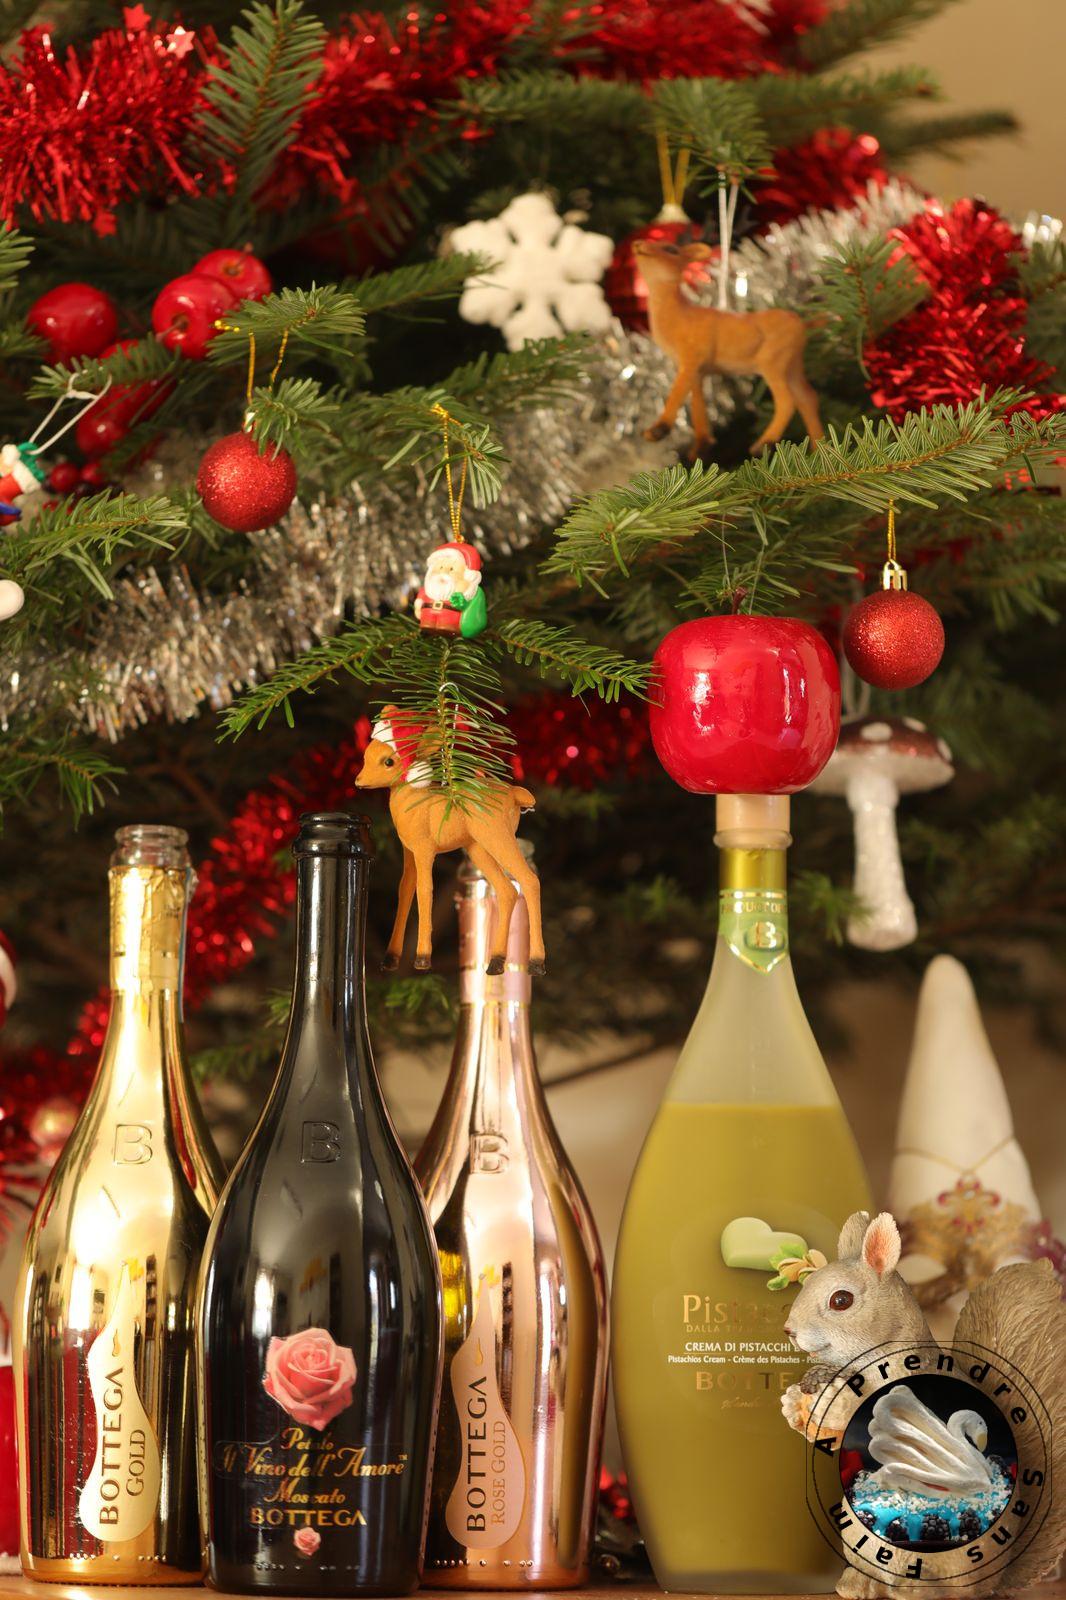 Accords mets et vins à Noël avec Bottega